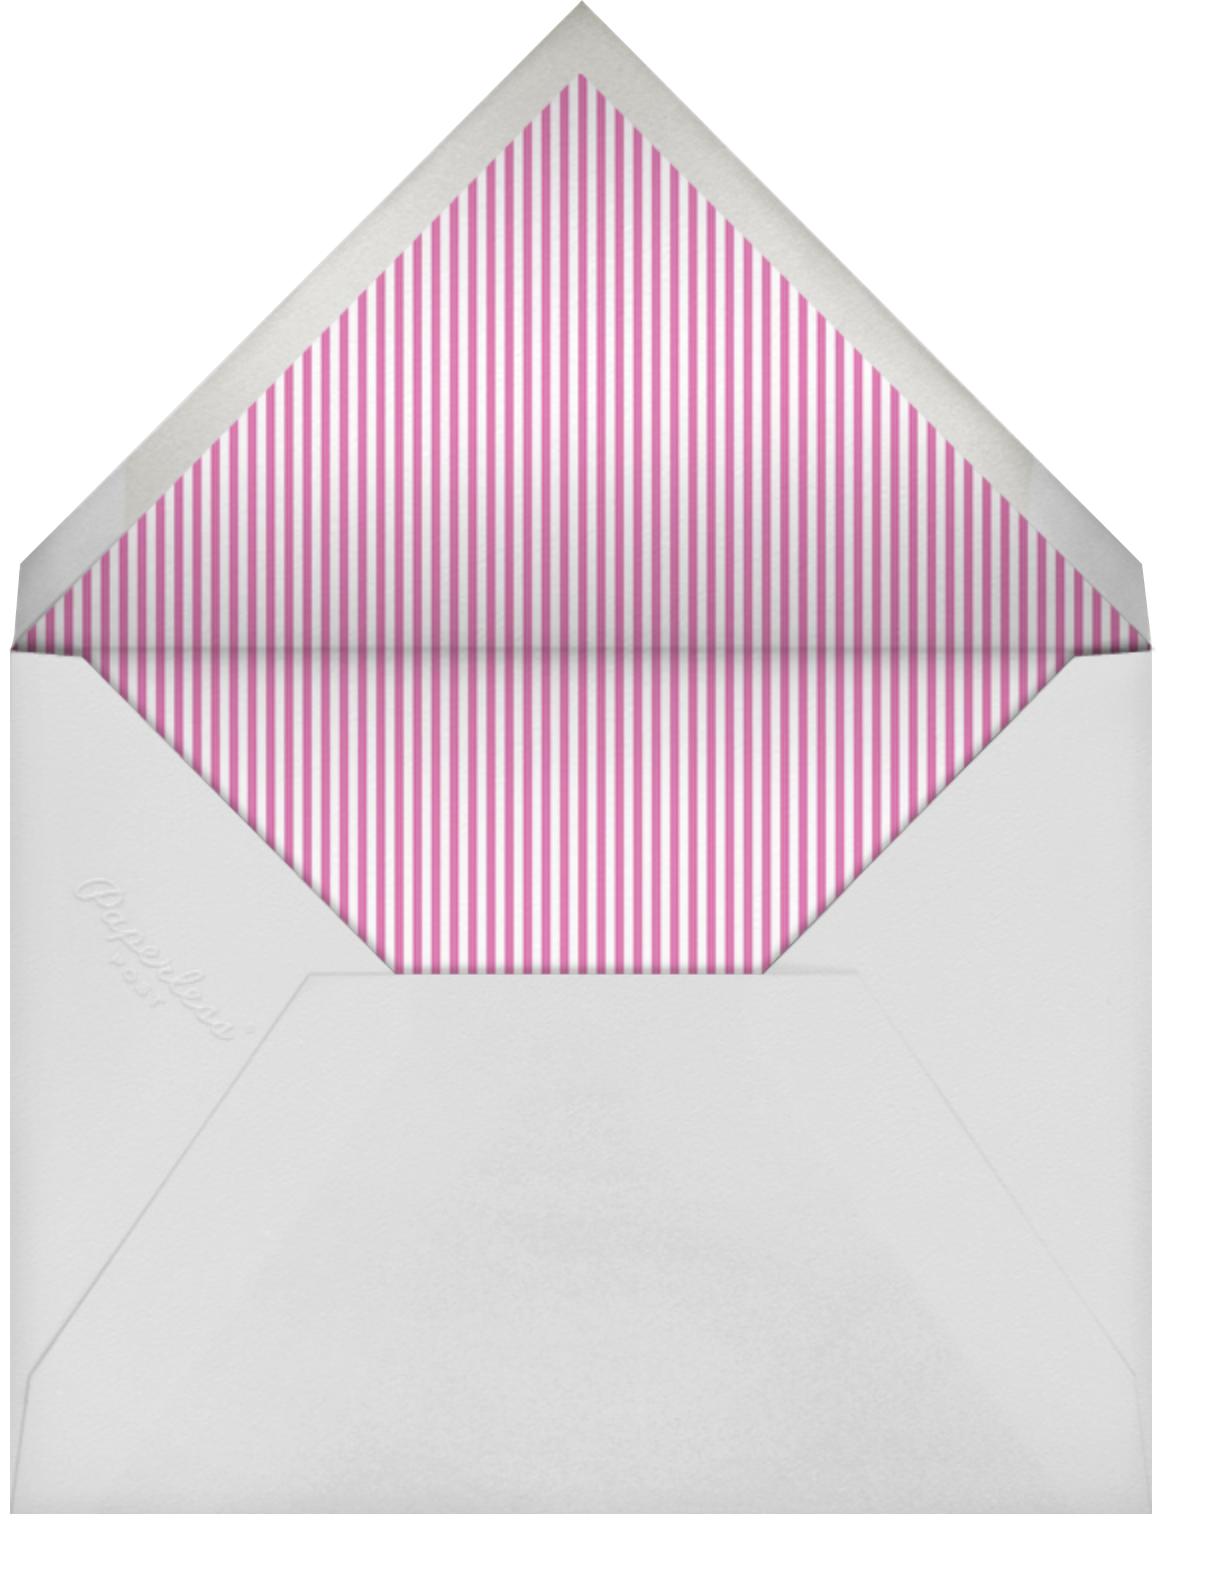 Kittie's Teatime Treats - Little Cube - Envelope